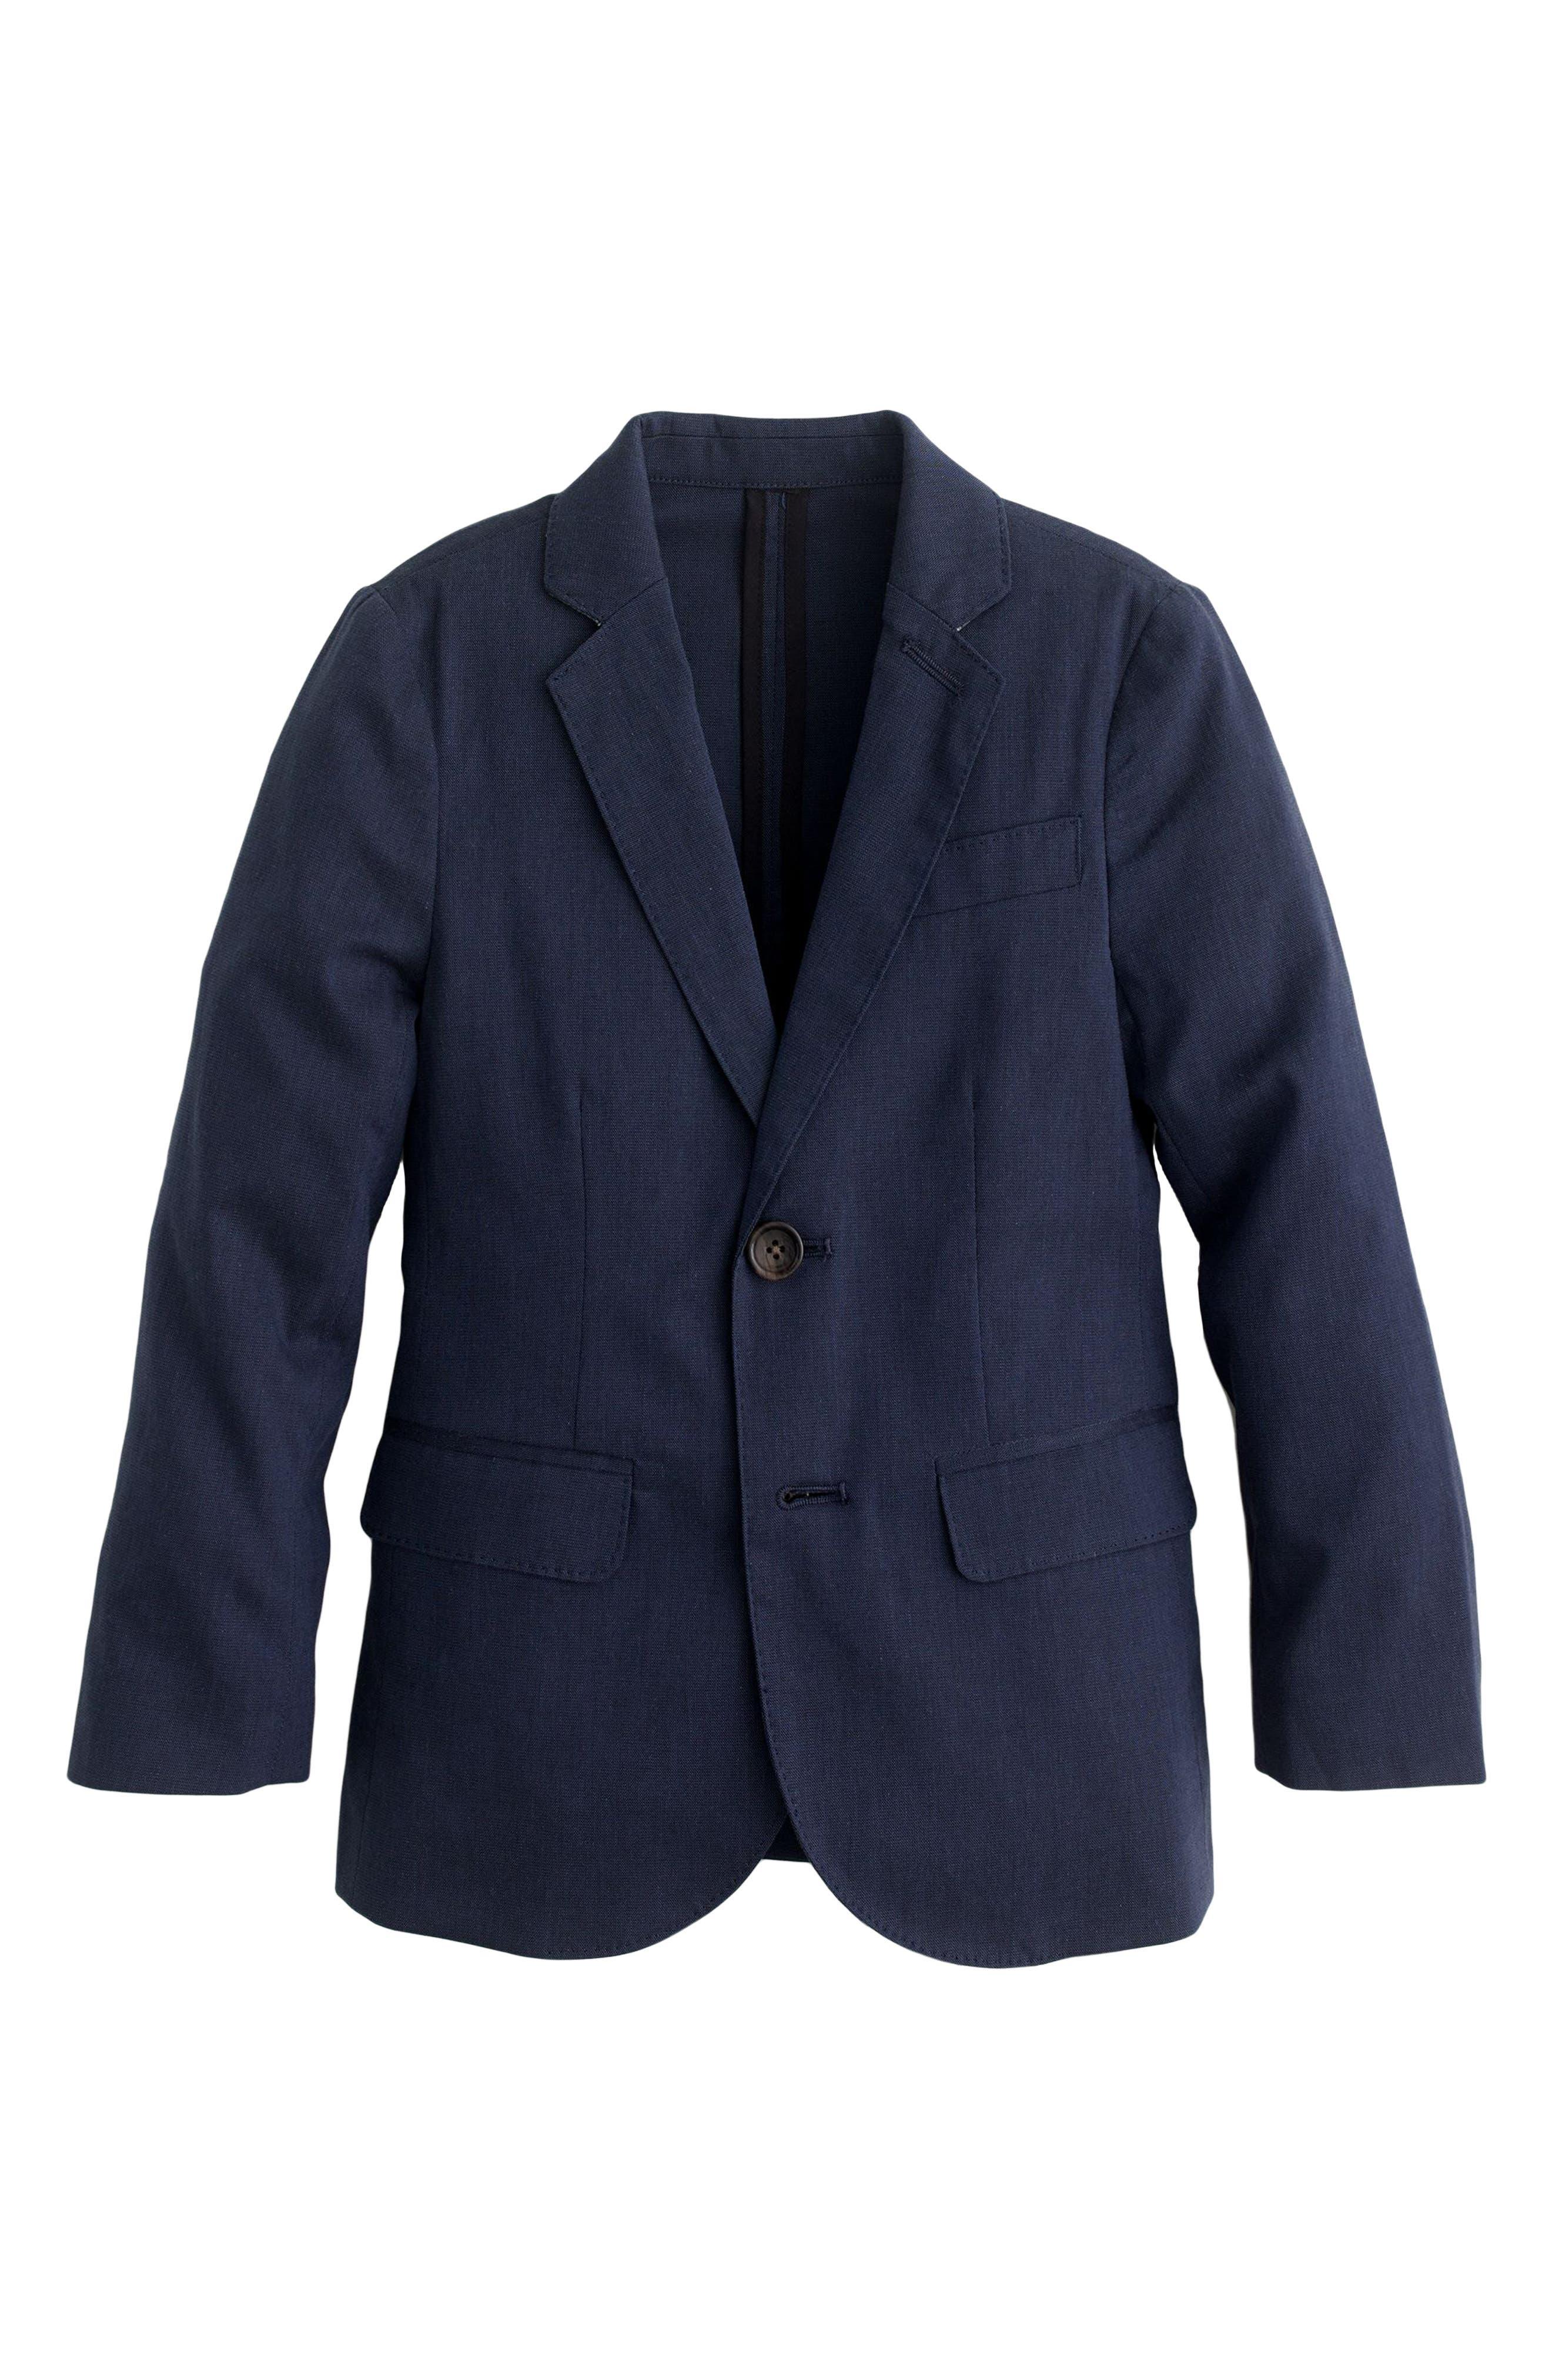 Ludlow Unstructured Suit Jacket,                             Main thumbnail 1, color,                             400